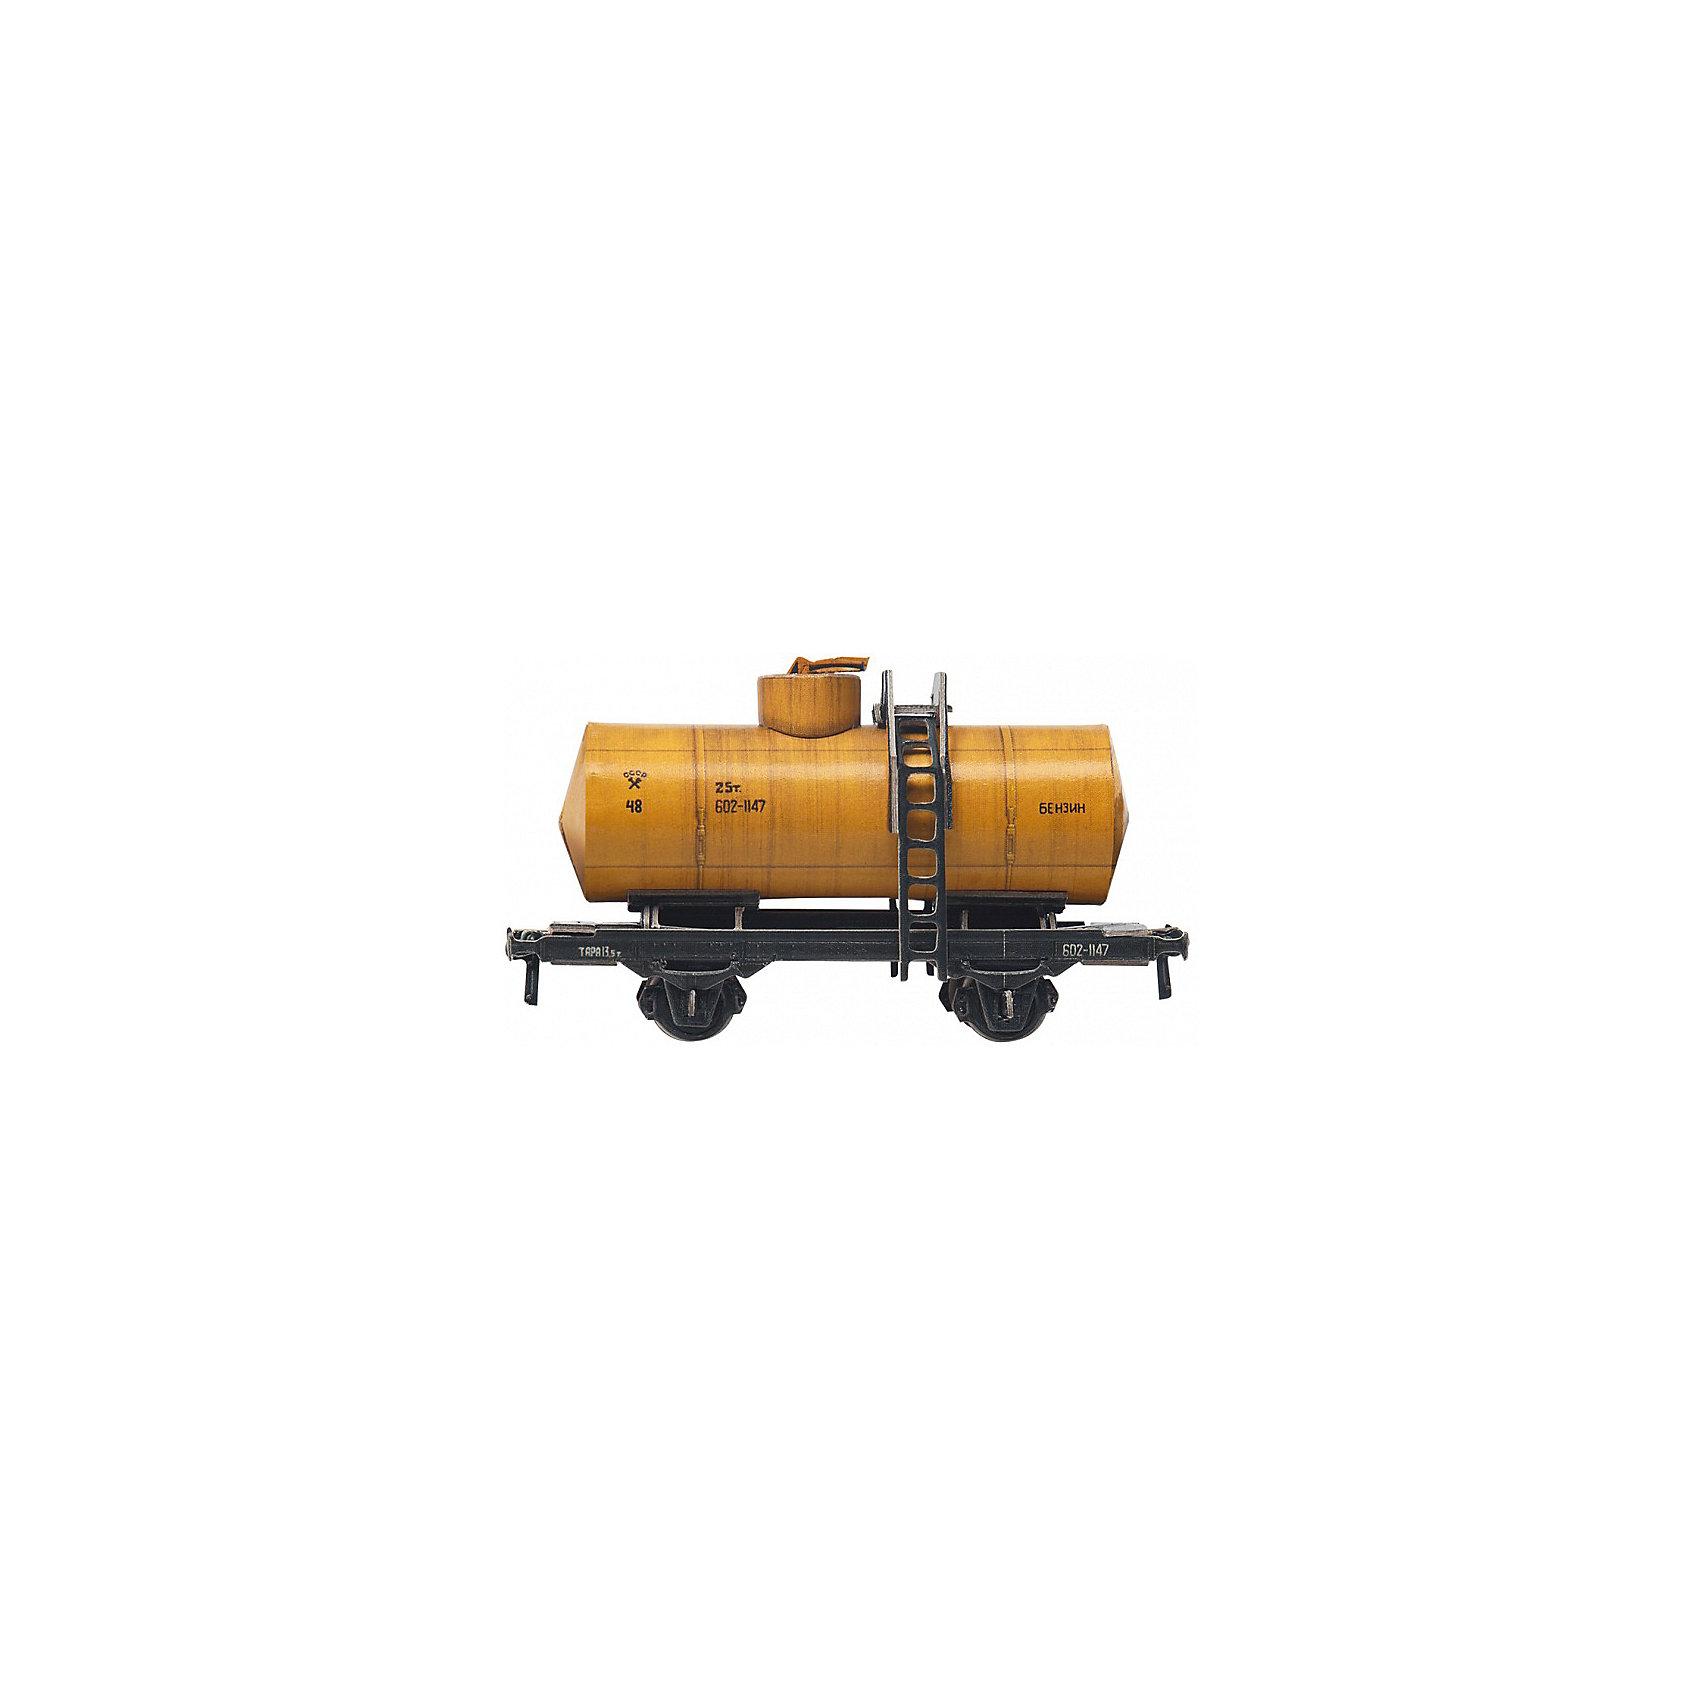 Сборная модель Двухосная цистерна 25 м3 (желтая)Двухосная цистерна 25 м3 (желтая) - Сборная модель из картона. Серия: Масштабные модели.Количество деталей, шт: 19. Размер в собранном виде, см: 10х5,5х3. Размер упаковки, мм.:  высота 170 ширина 122 глубина 2. Тип упаковки: Пакет ПП с подвесом. Вес, гр.: 31. Возраст: от 9 лет. Все модели и игрушки, созданные по технологии УМНАЯ БУМАГА собираются без ножниц и клея, что является их неповторимой особенностью.<br>Принцип соединения деталей запатентован. Соединения деталей продуманы и просчитаны с такой точностью, что при правильной сборке с моделью можно играть, как с обычной игрушкой.<br><br>Ширина мм: 122<br>Глубина мм: 2<br>Высота мм: 170<br>Вес г: 31<br>Возраст от месяцев: 84<br>Возраст до месяцев: 2147483647<br>Пол: Унисекс<br>Возраст: Детский<br>SKU: 4807517